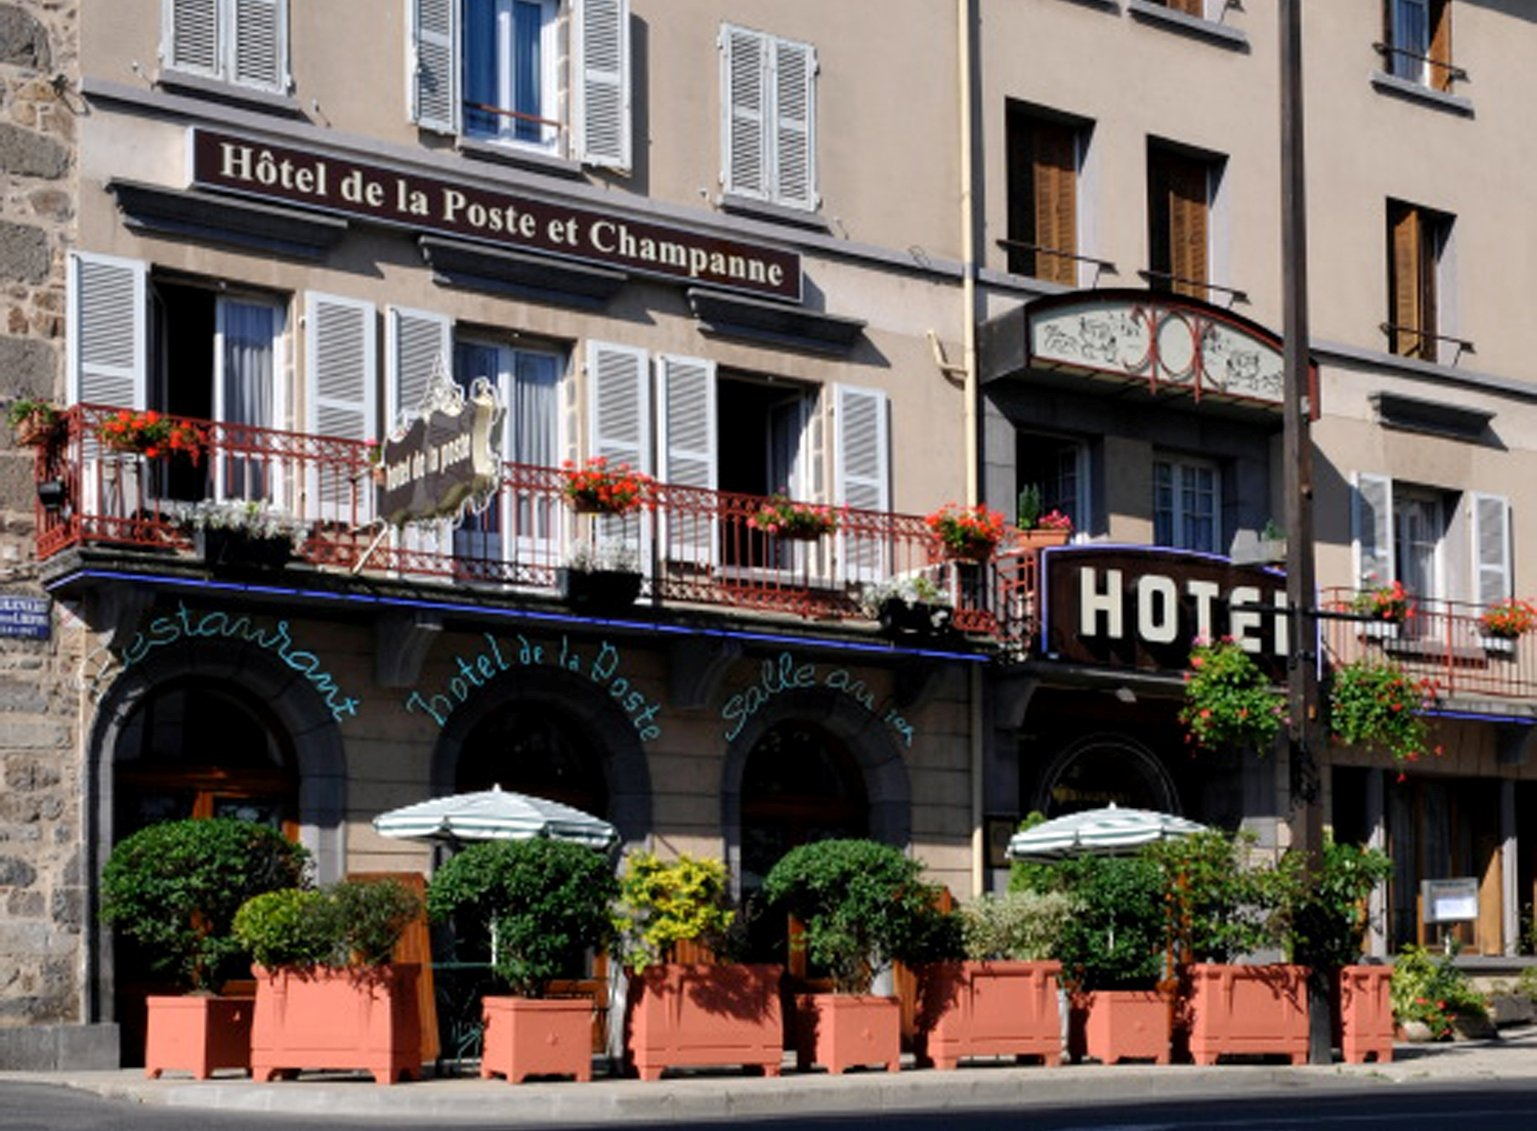 Hotel De La Poste - Annexe Champanne